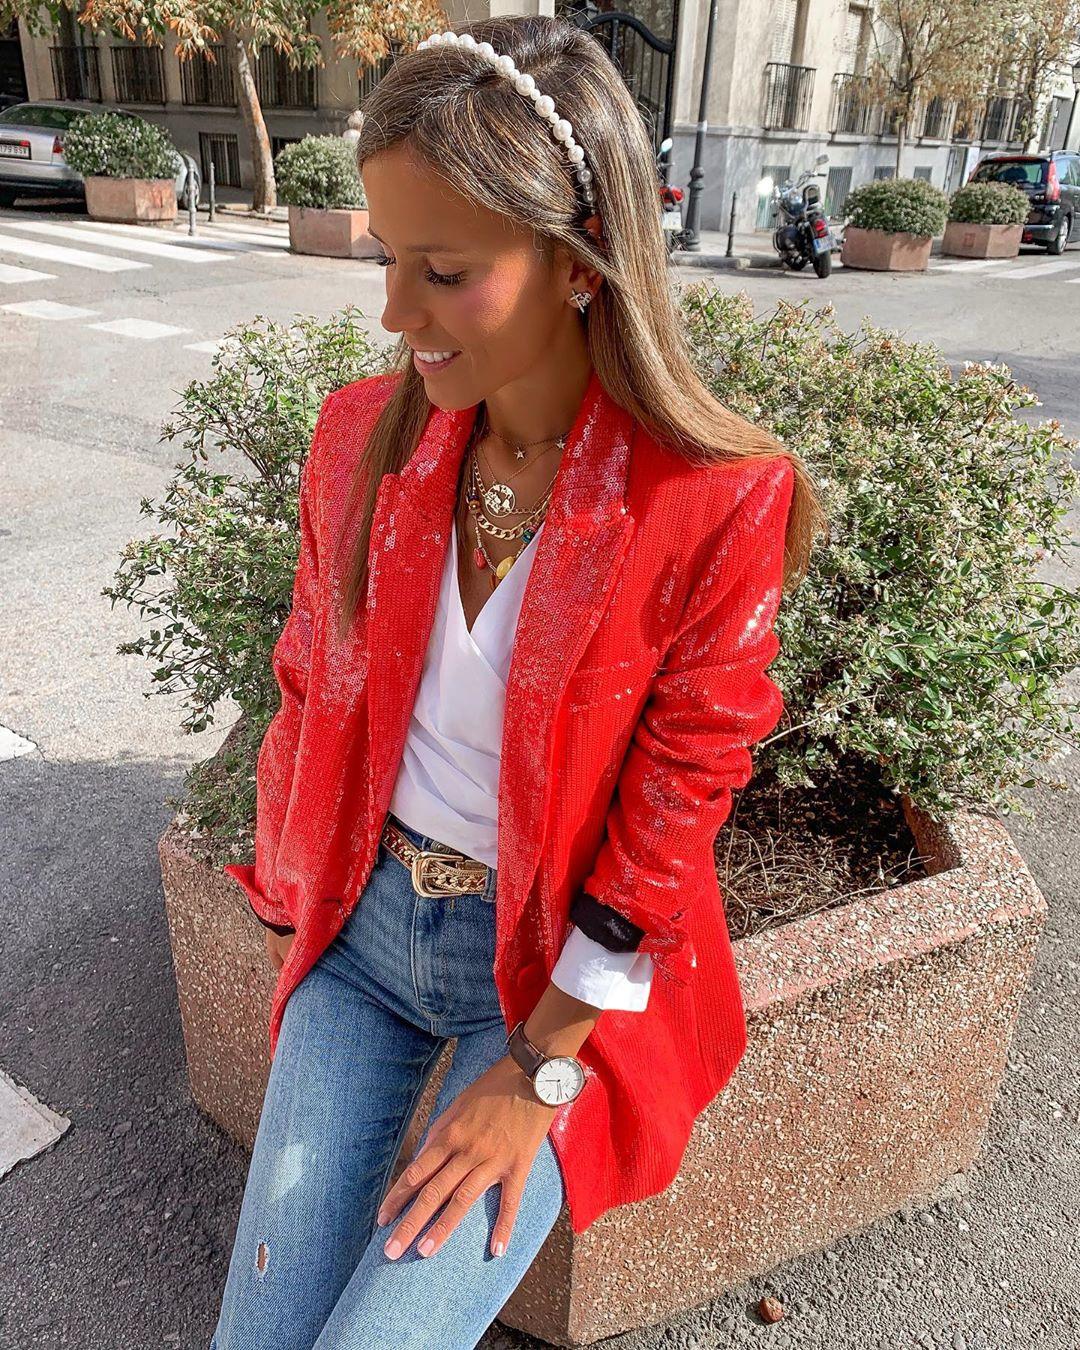 sequined jacket de Zara sur isa_gme